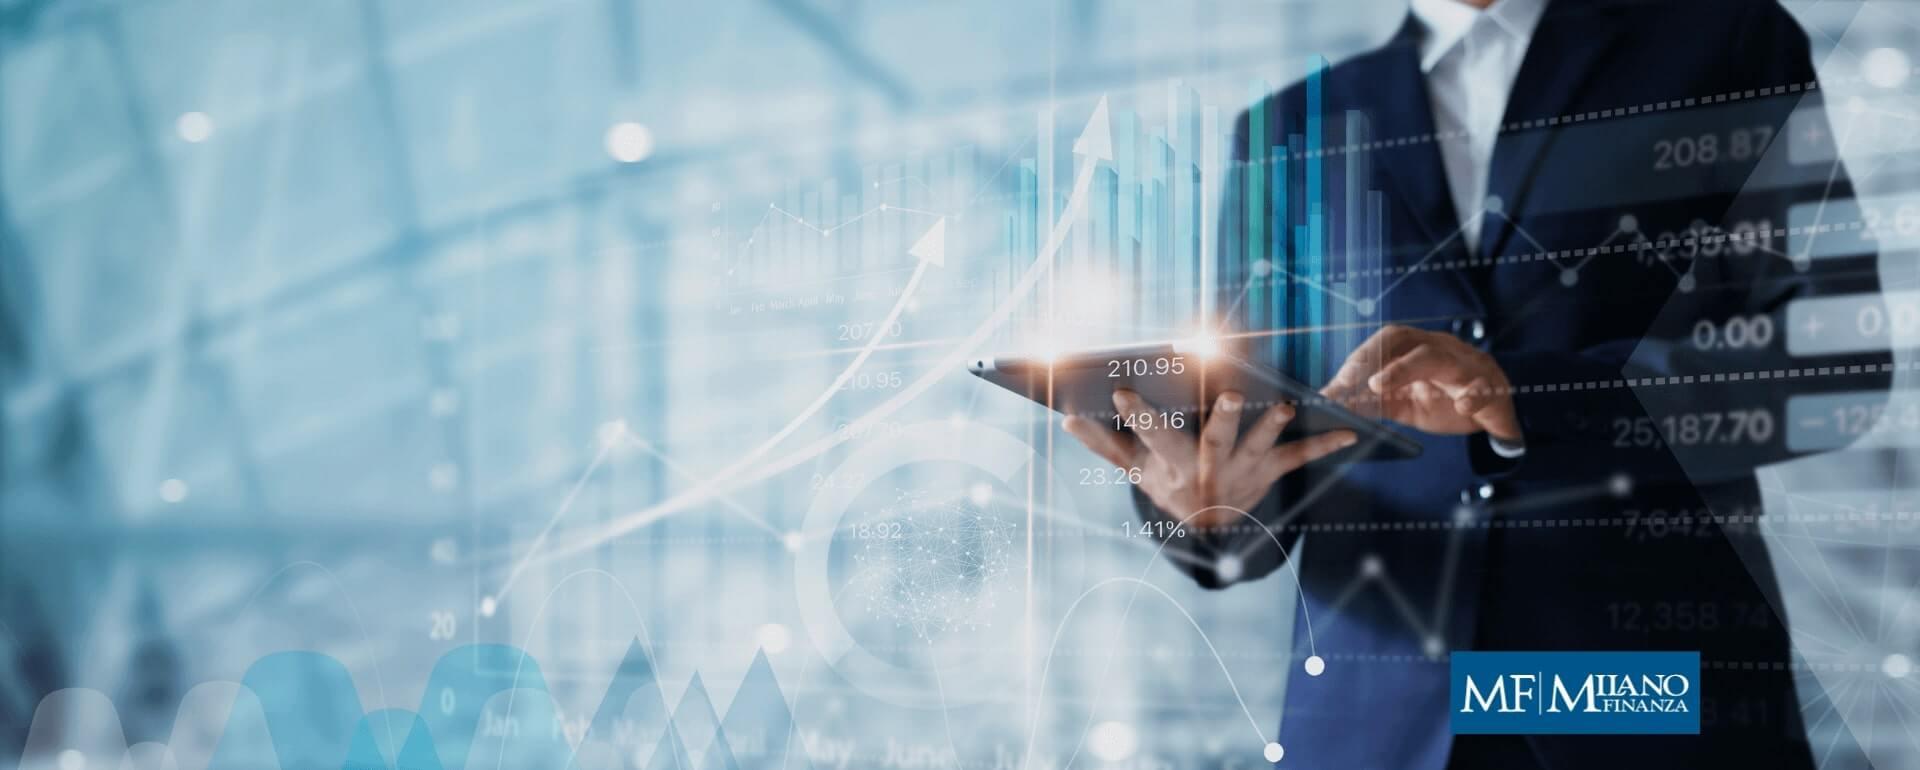 Nuovi investimenti e integrazioni digitali